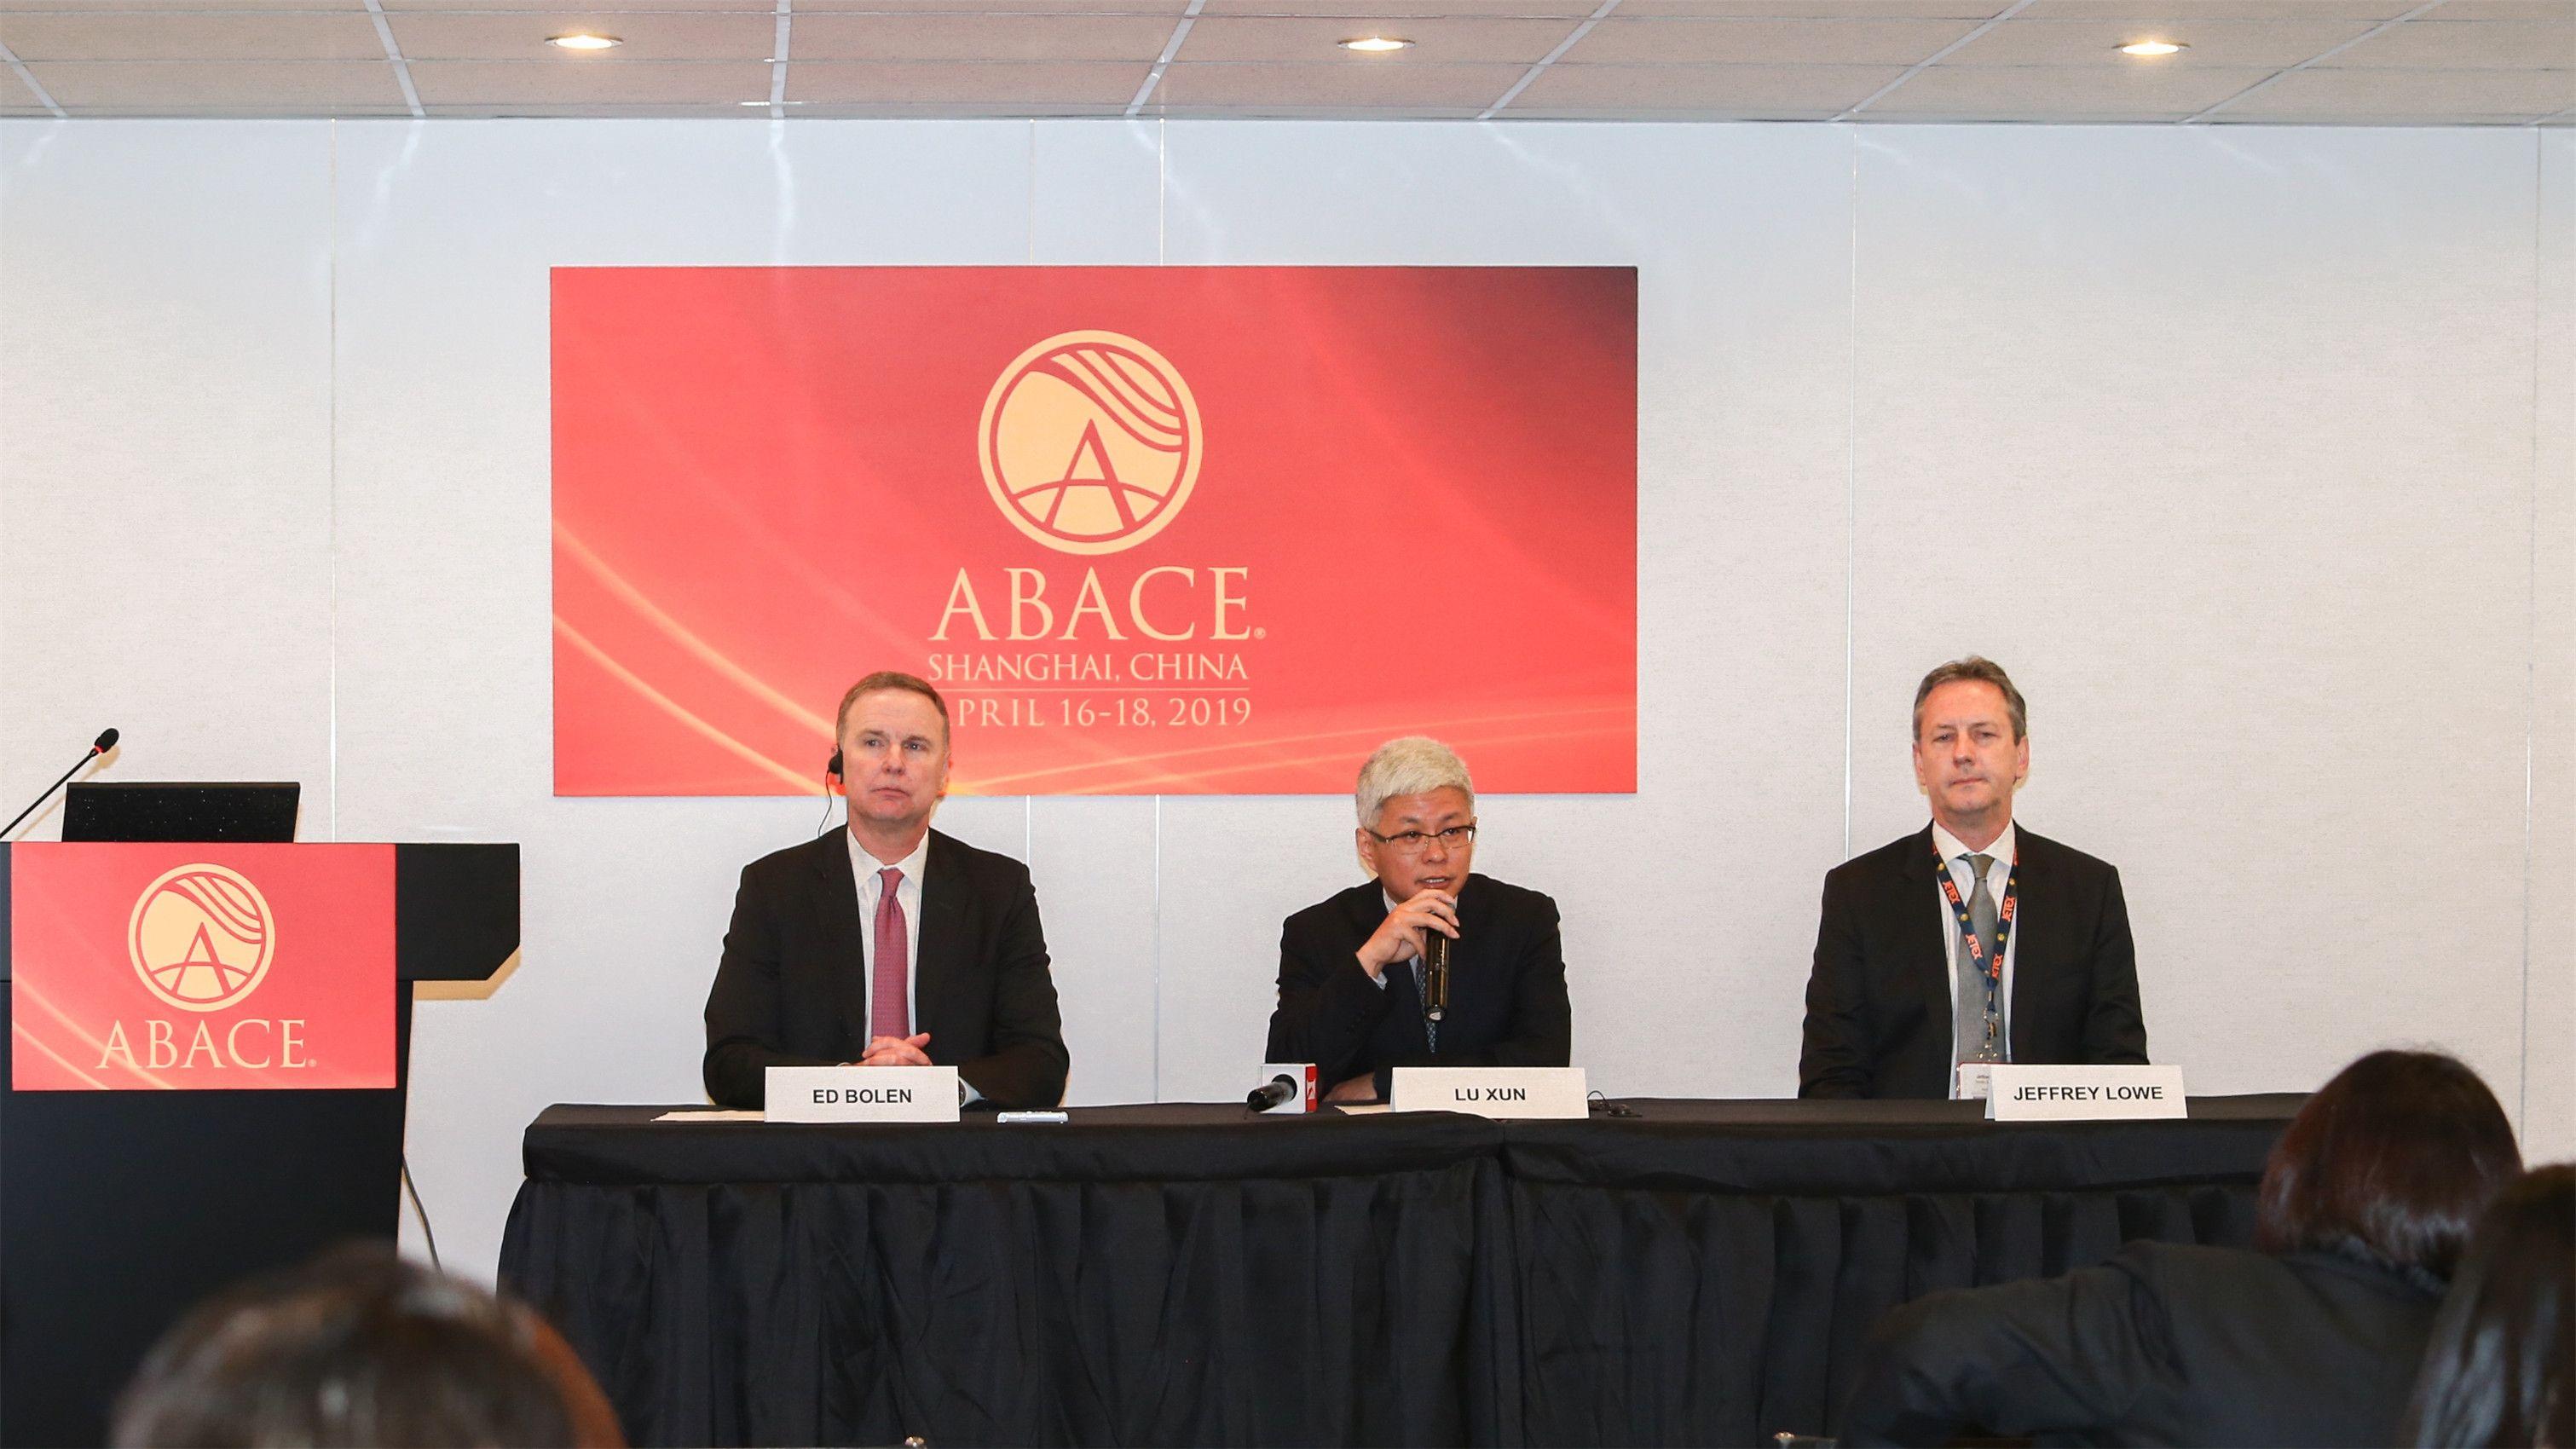 亞洲商務航空大會及展覽會揭幕 業界領袖齊聚上海